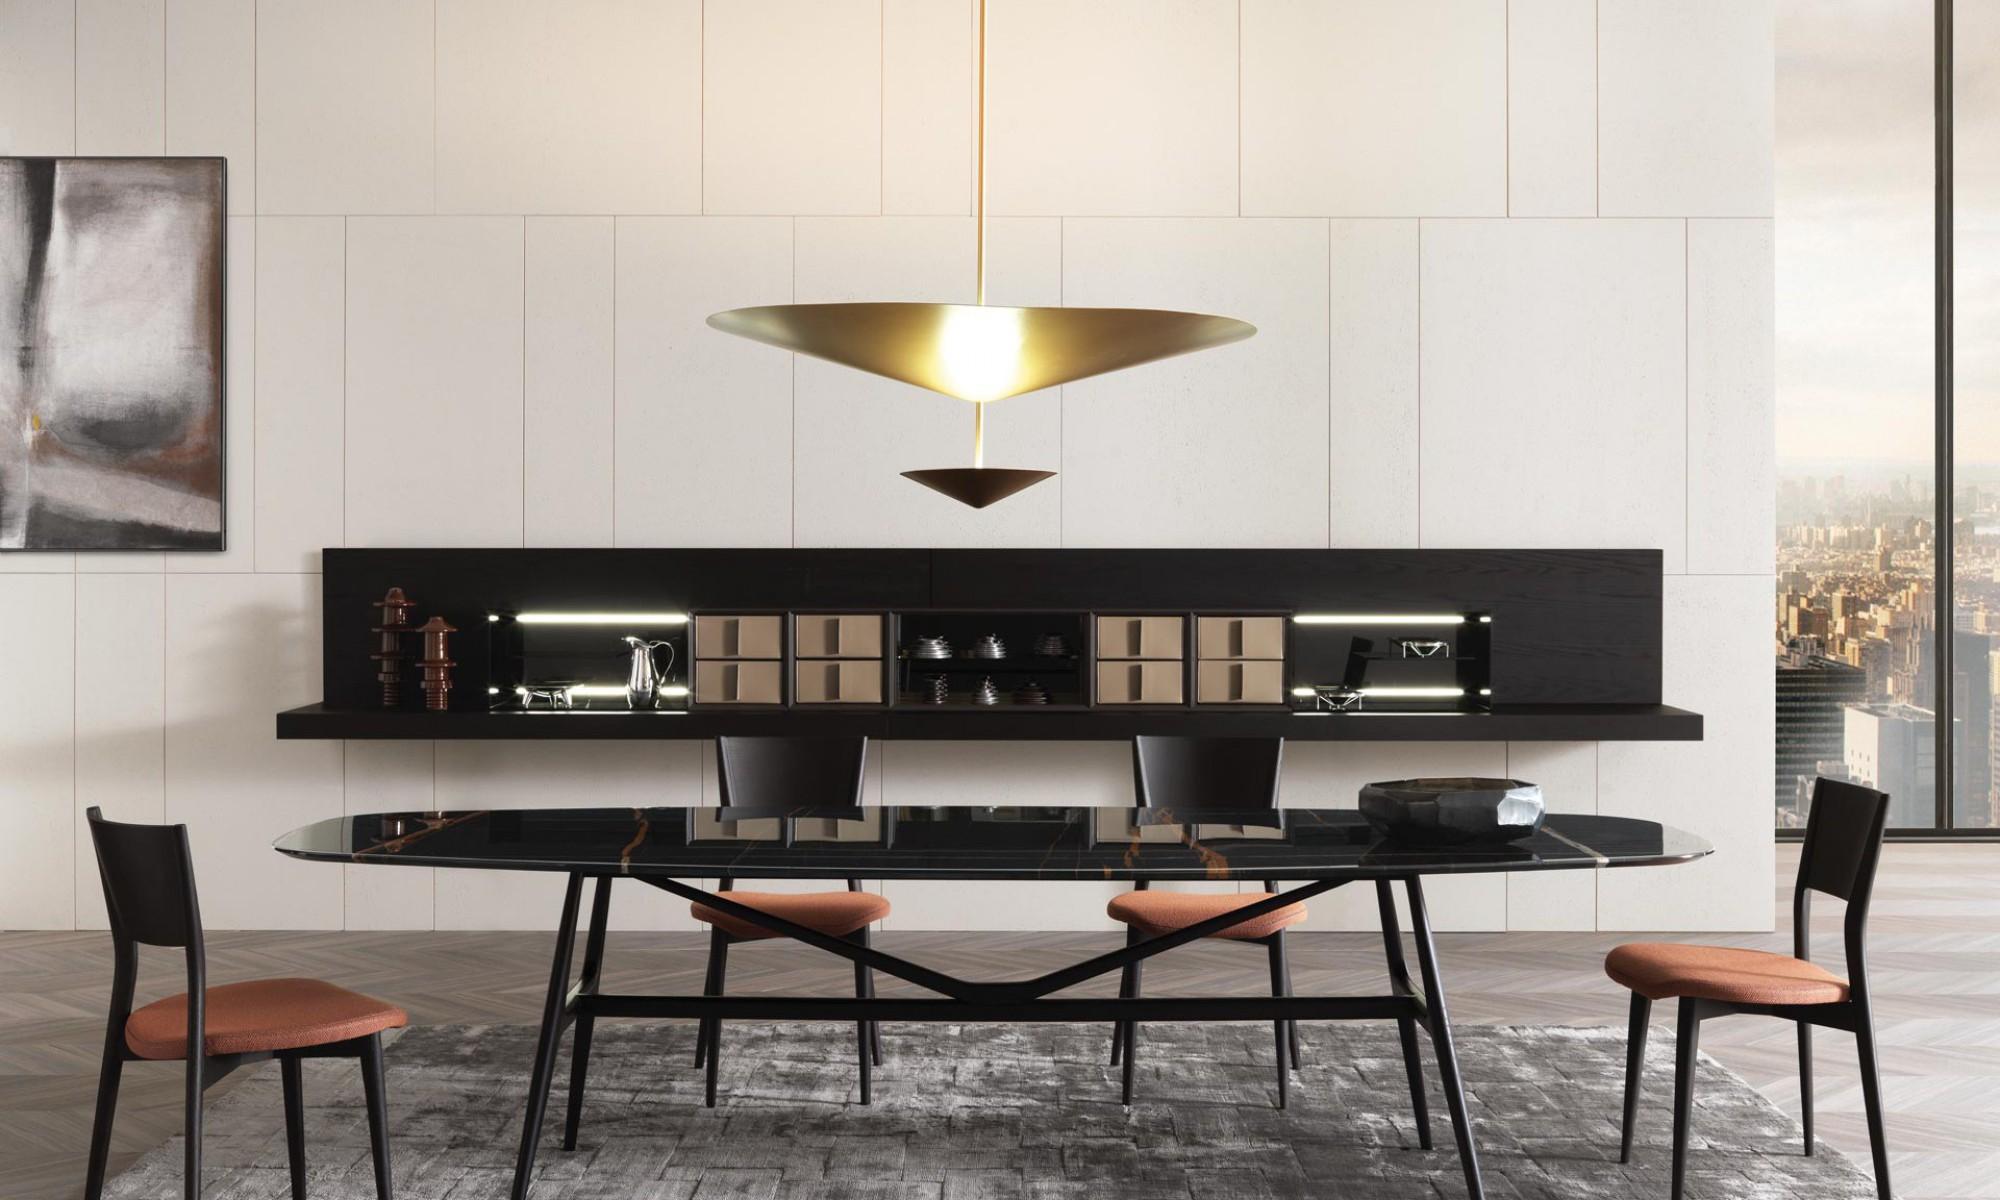 Tavolo bontempi arredamento mobili e accessori per la casa